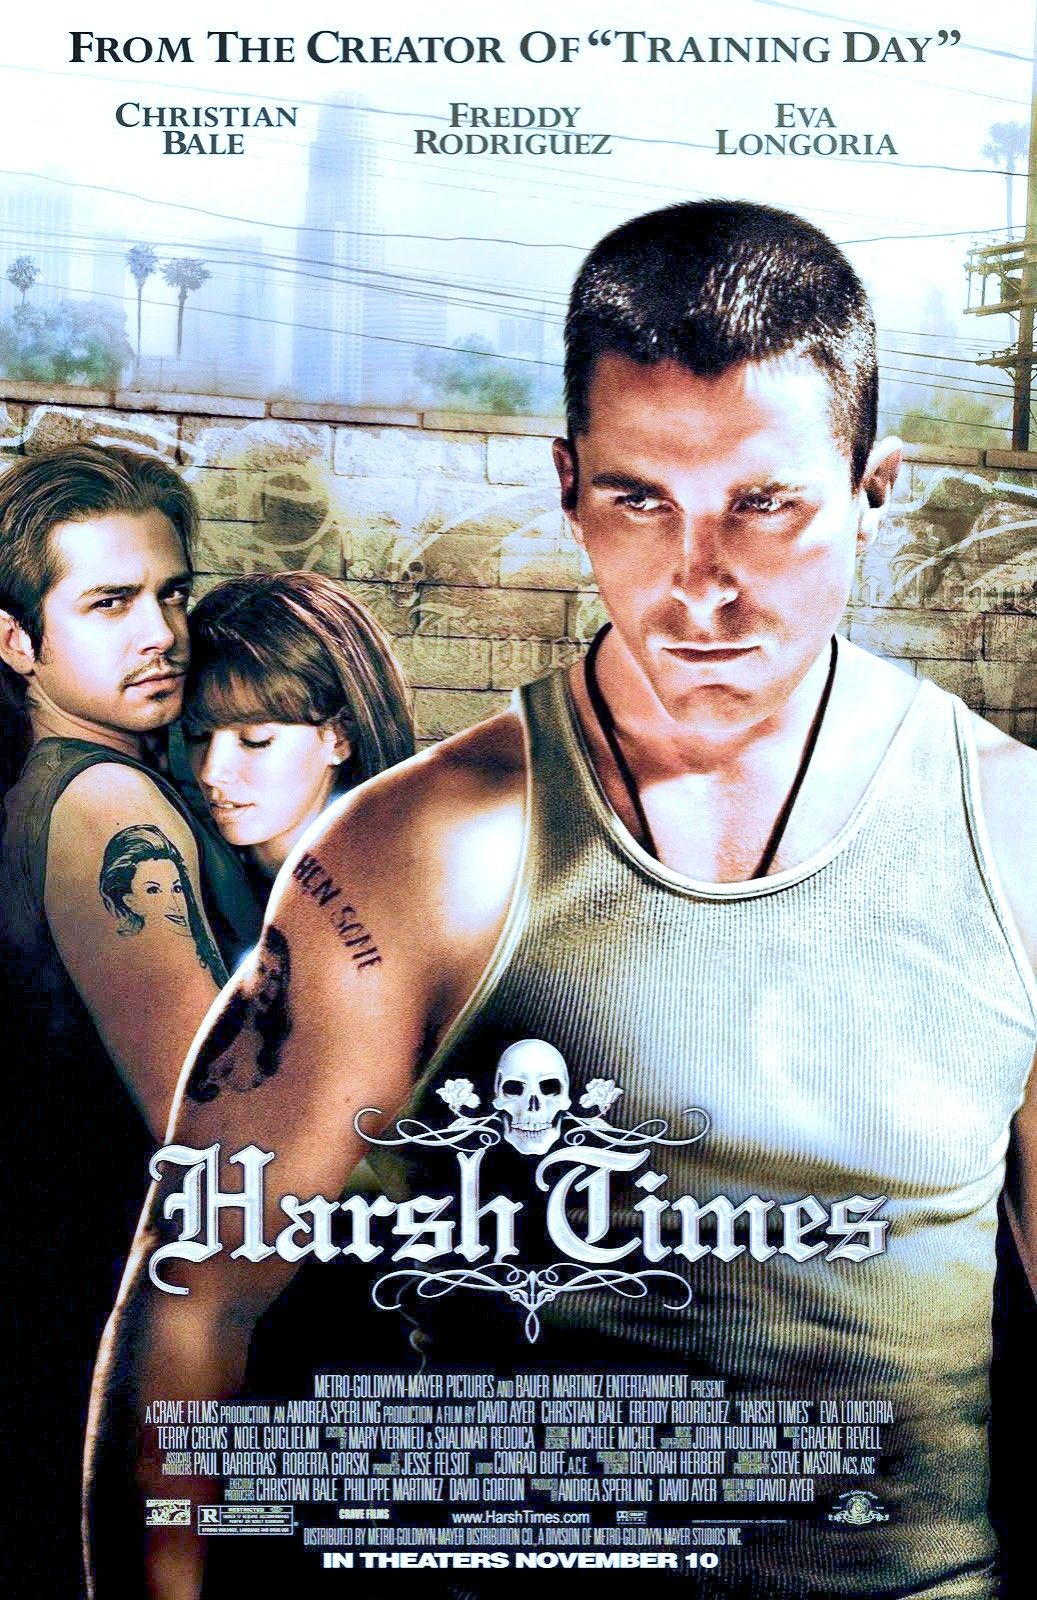 Pin De Reality Em Cinema Outdoors Movies Filmes Cinema Filme